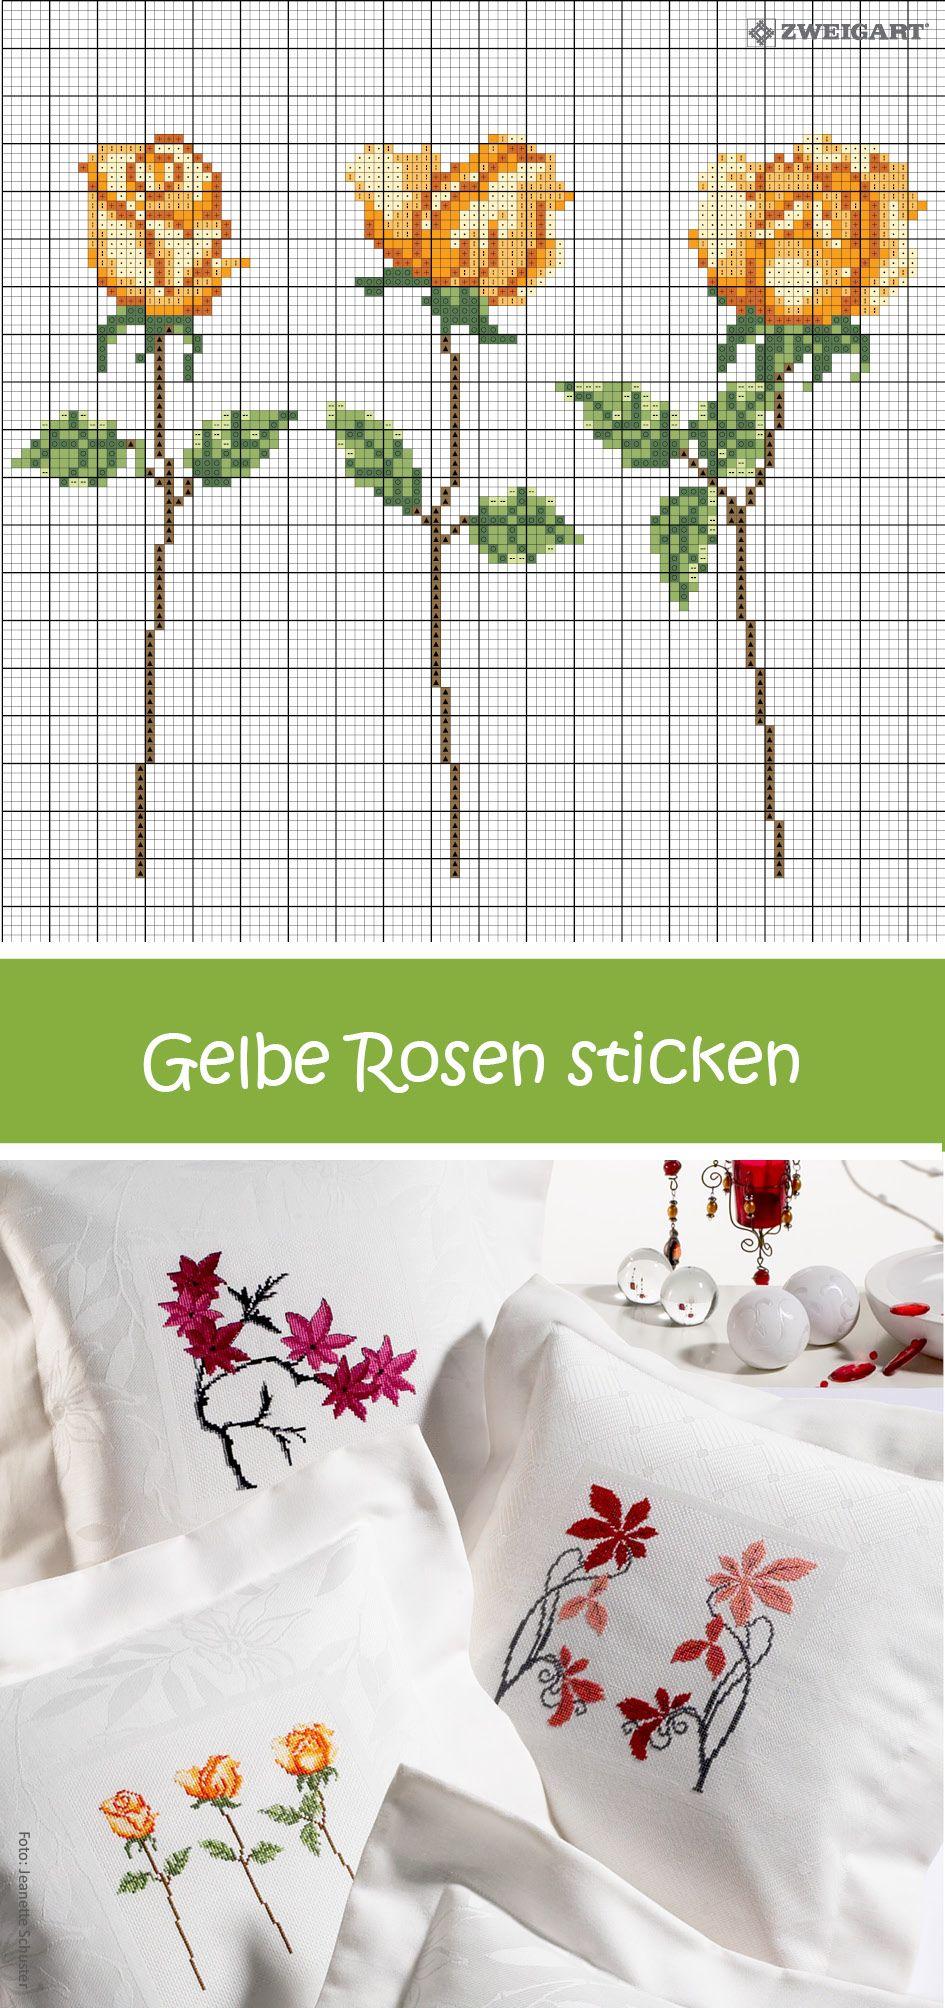 gelbe rosen sticken entdecke zahlreiche kostenlose. Black Bedroom Furniture Sets. Home Design Ideas